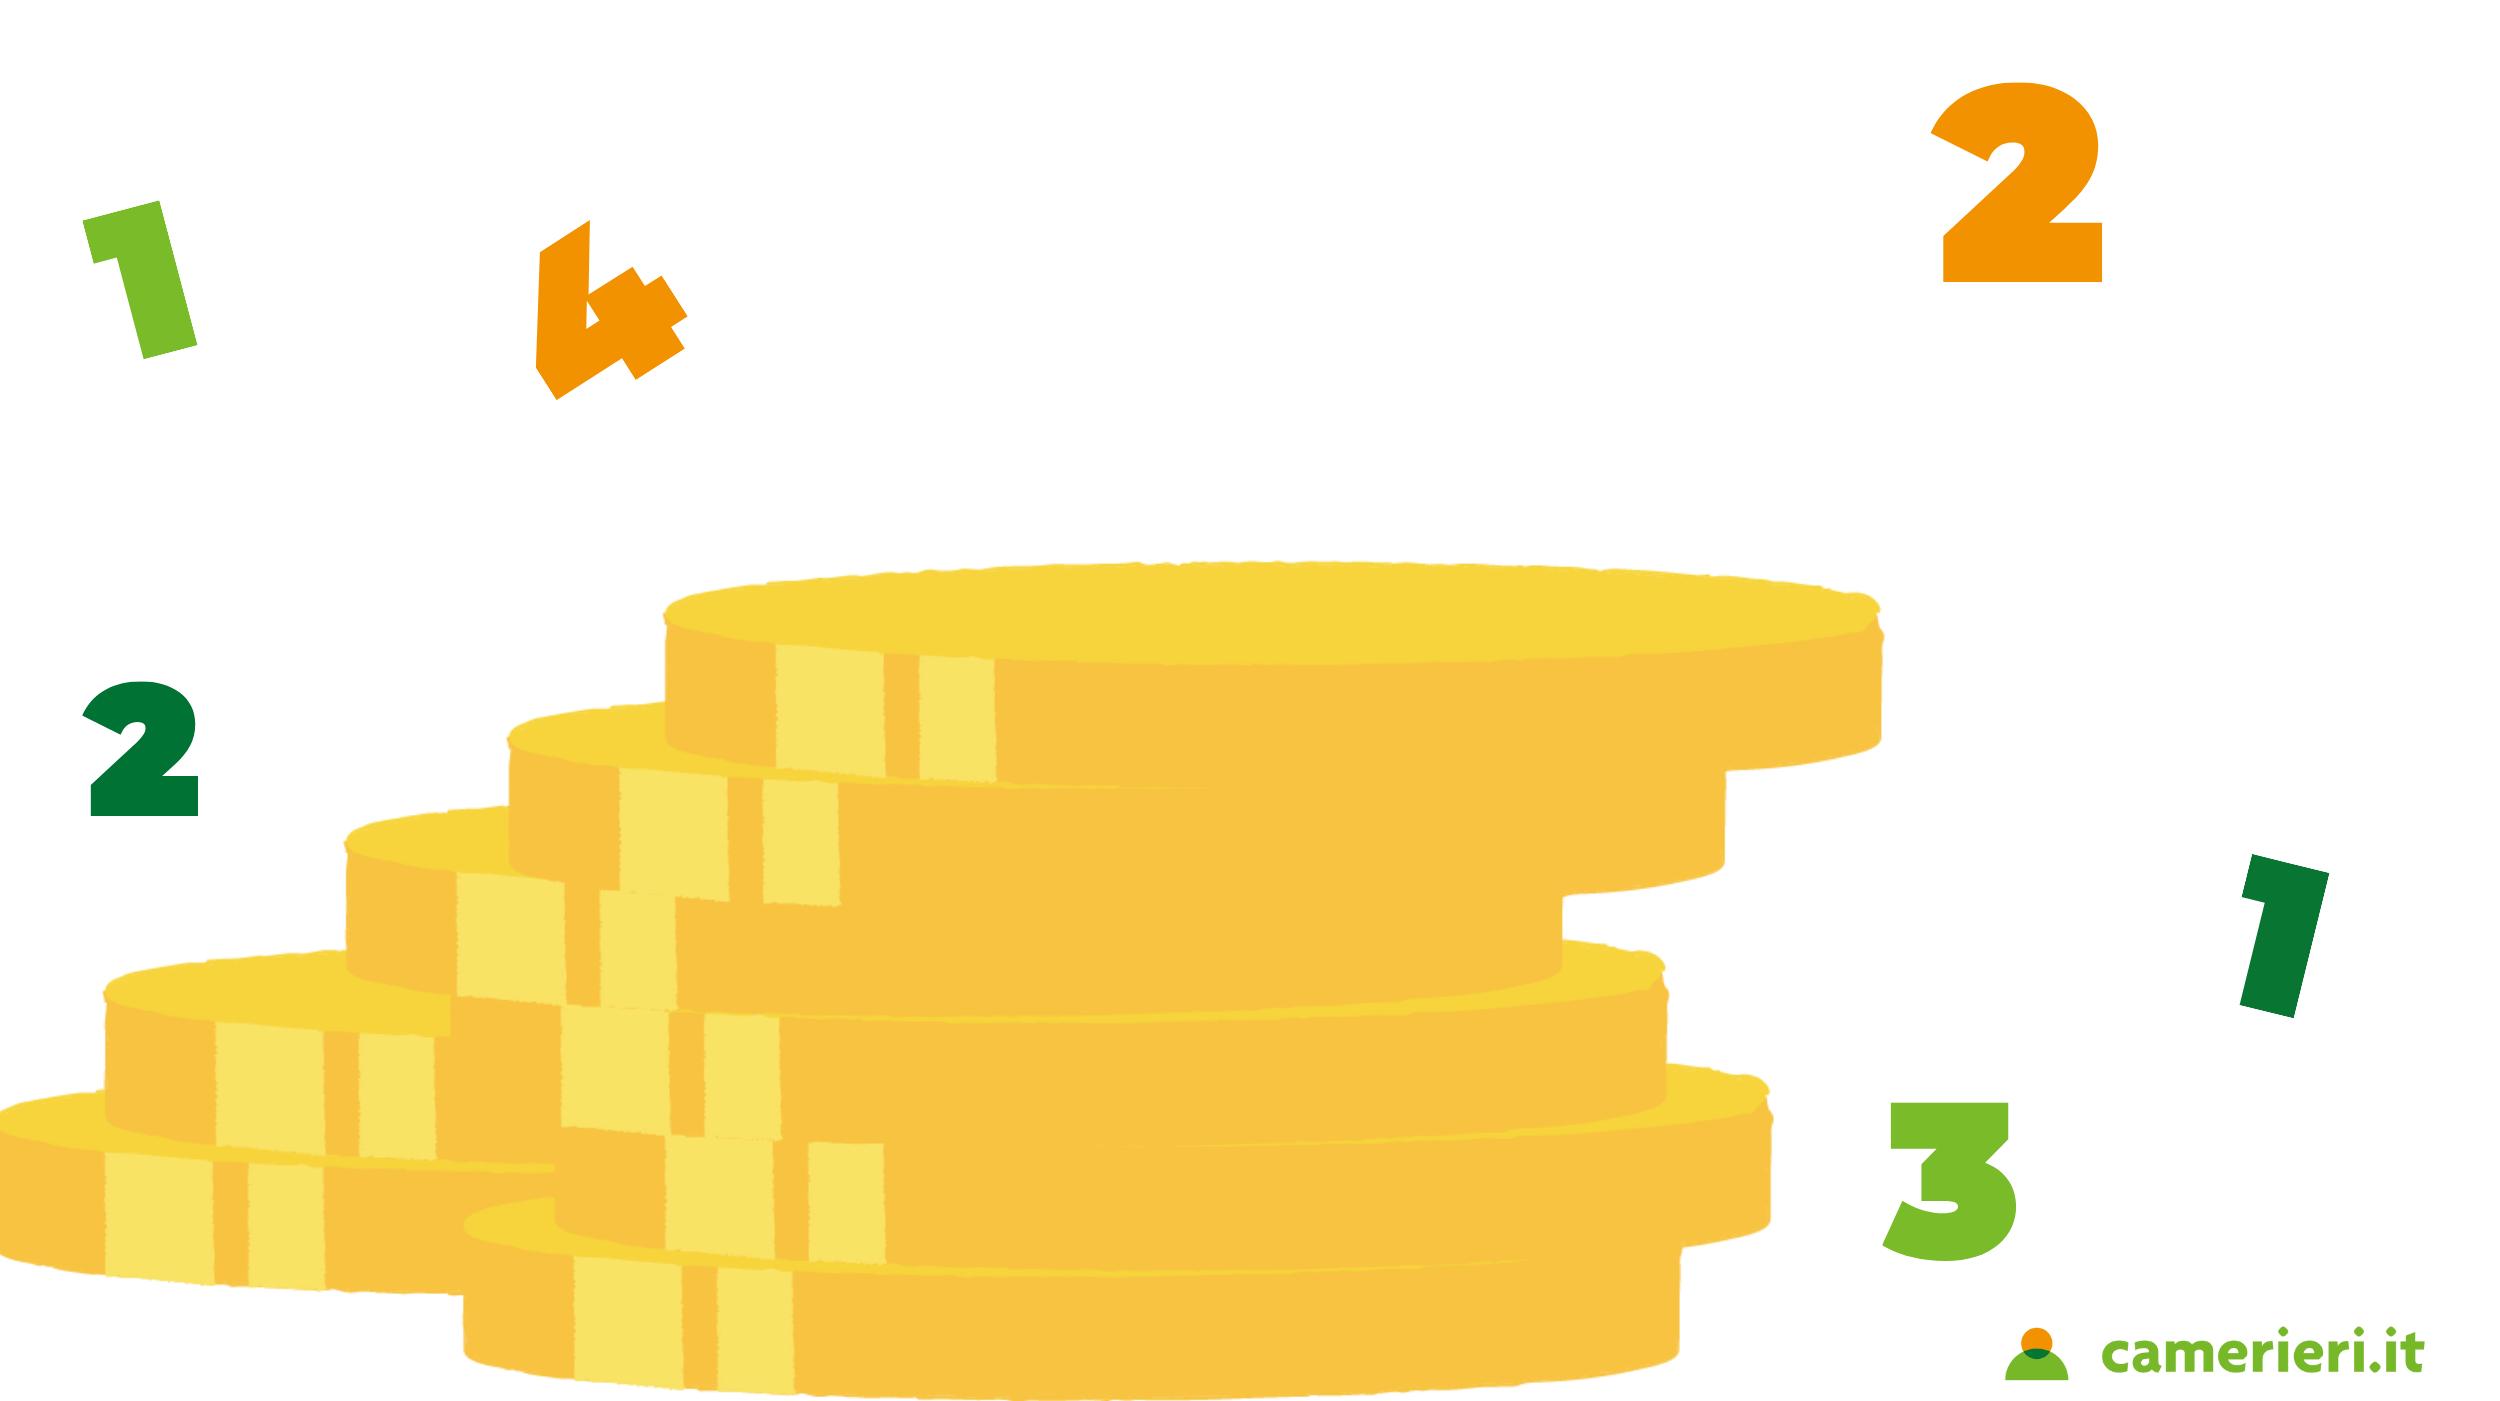 Food cost: cos'è e come calcolarlo?